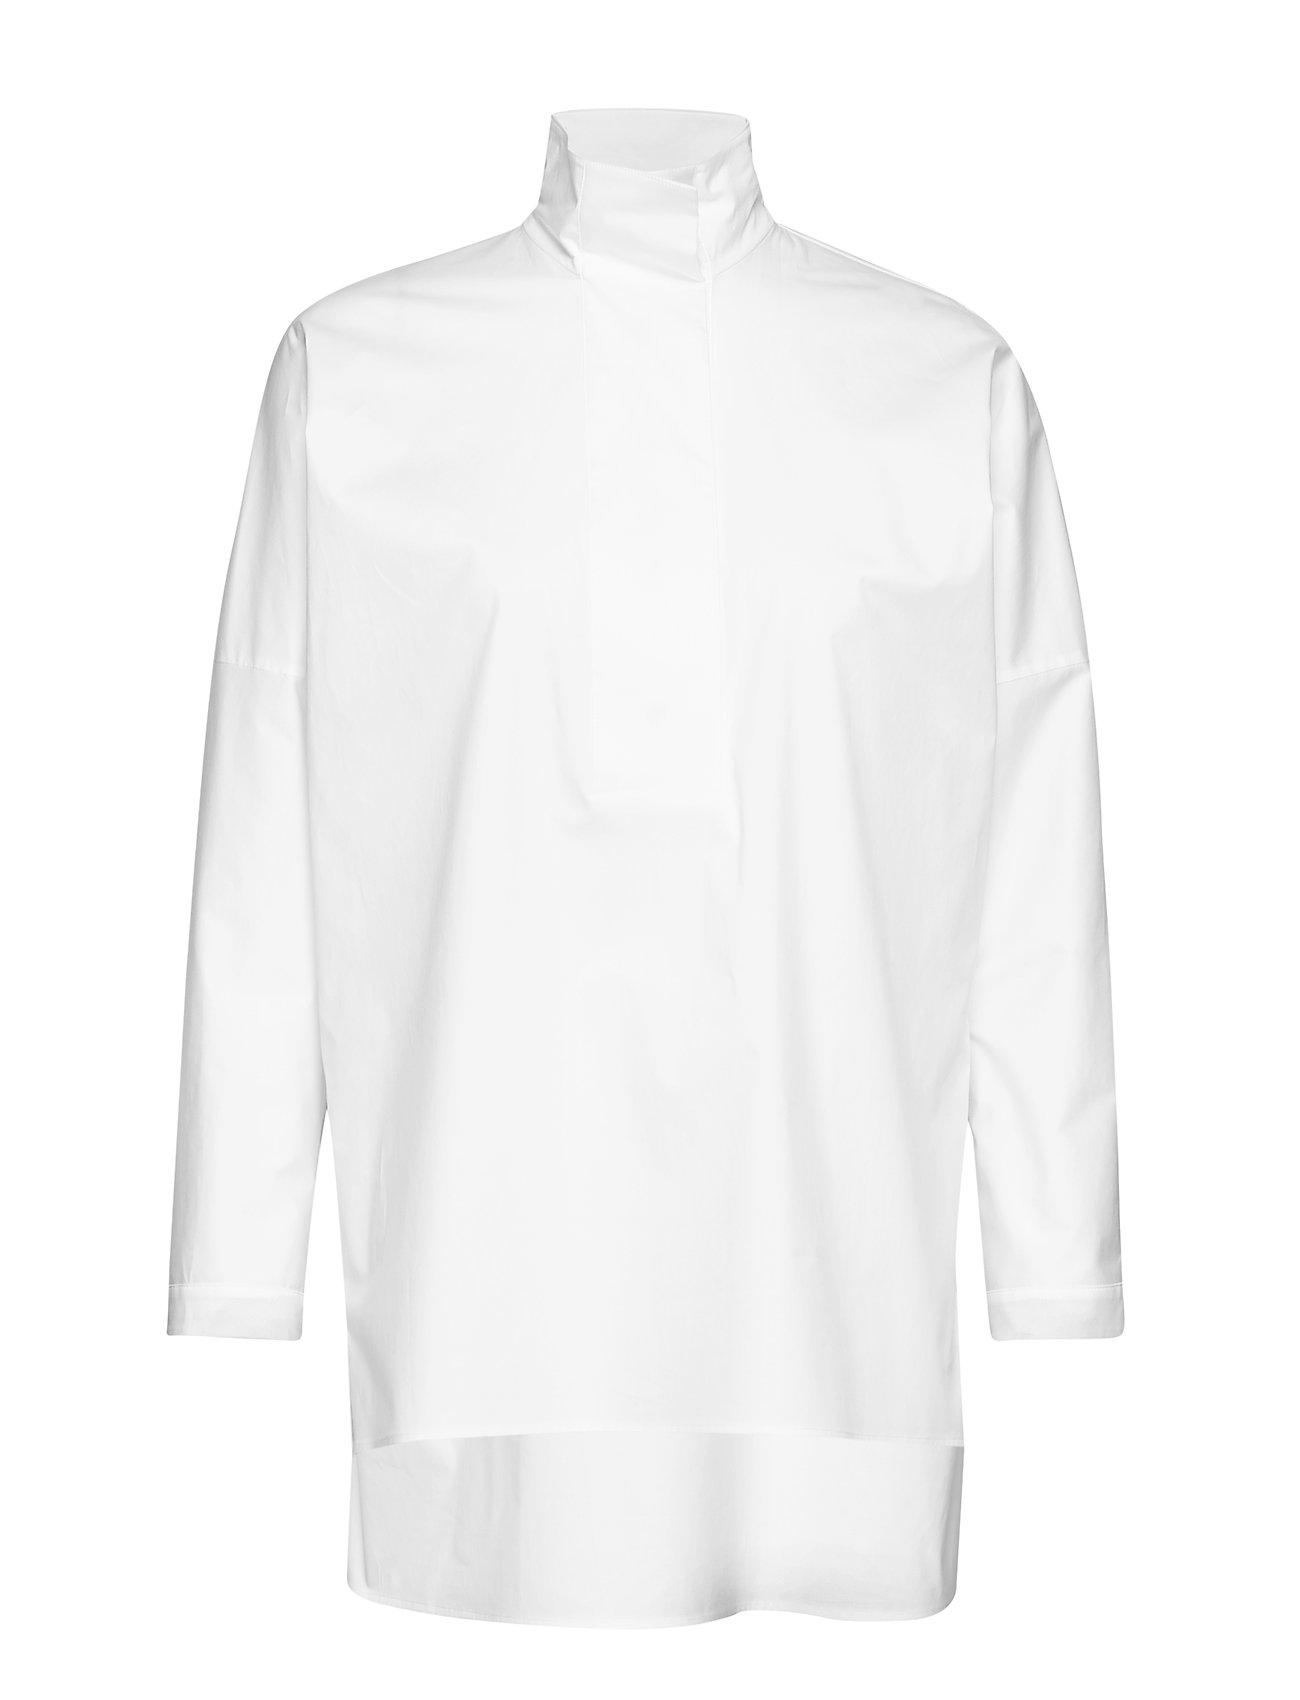 BOSS Business Wear Robaka - WHITE